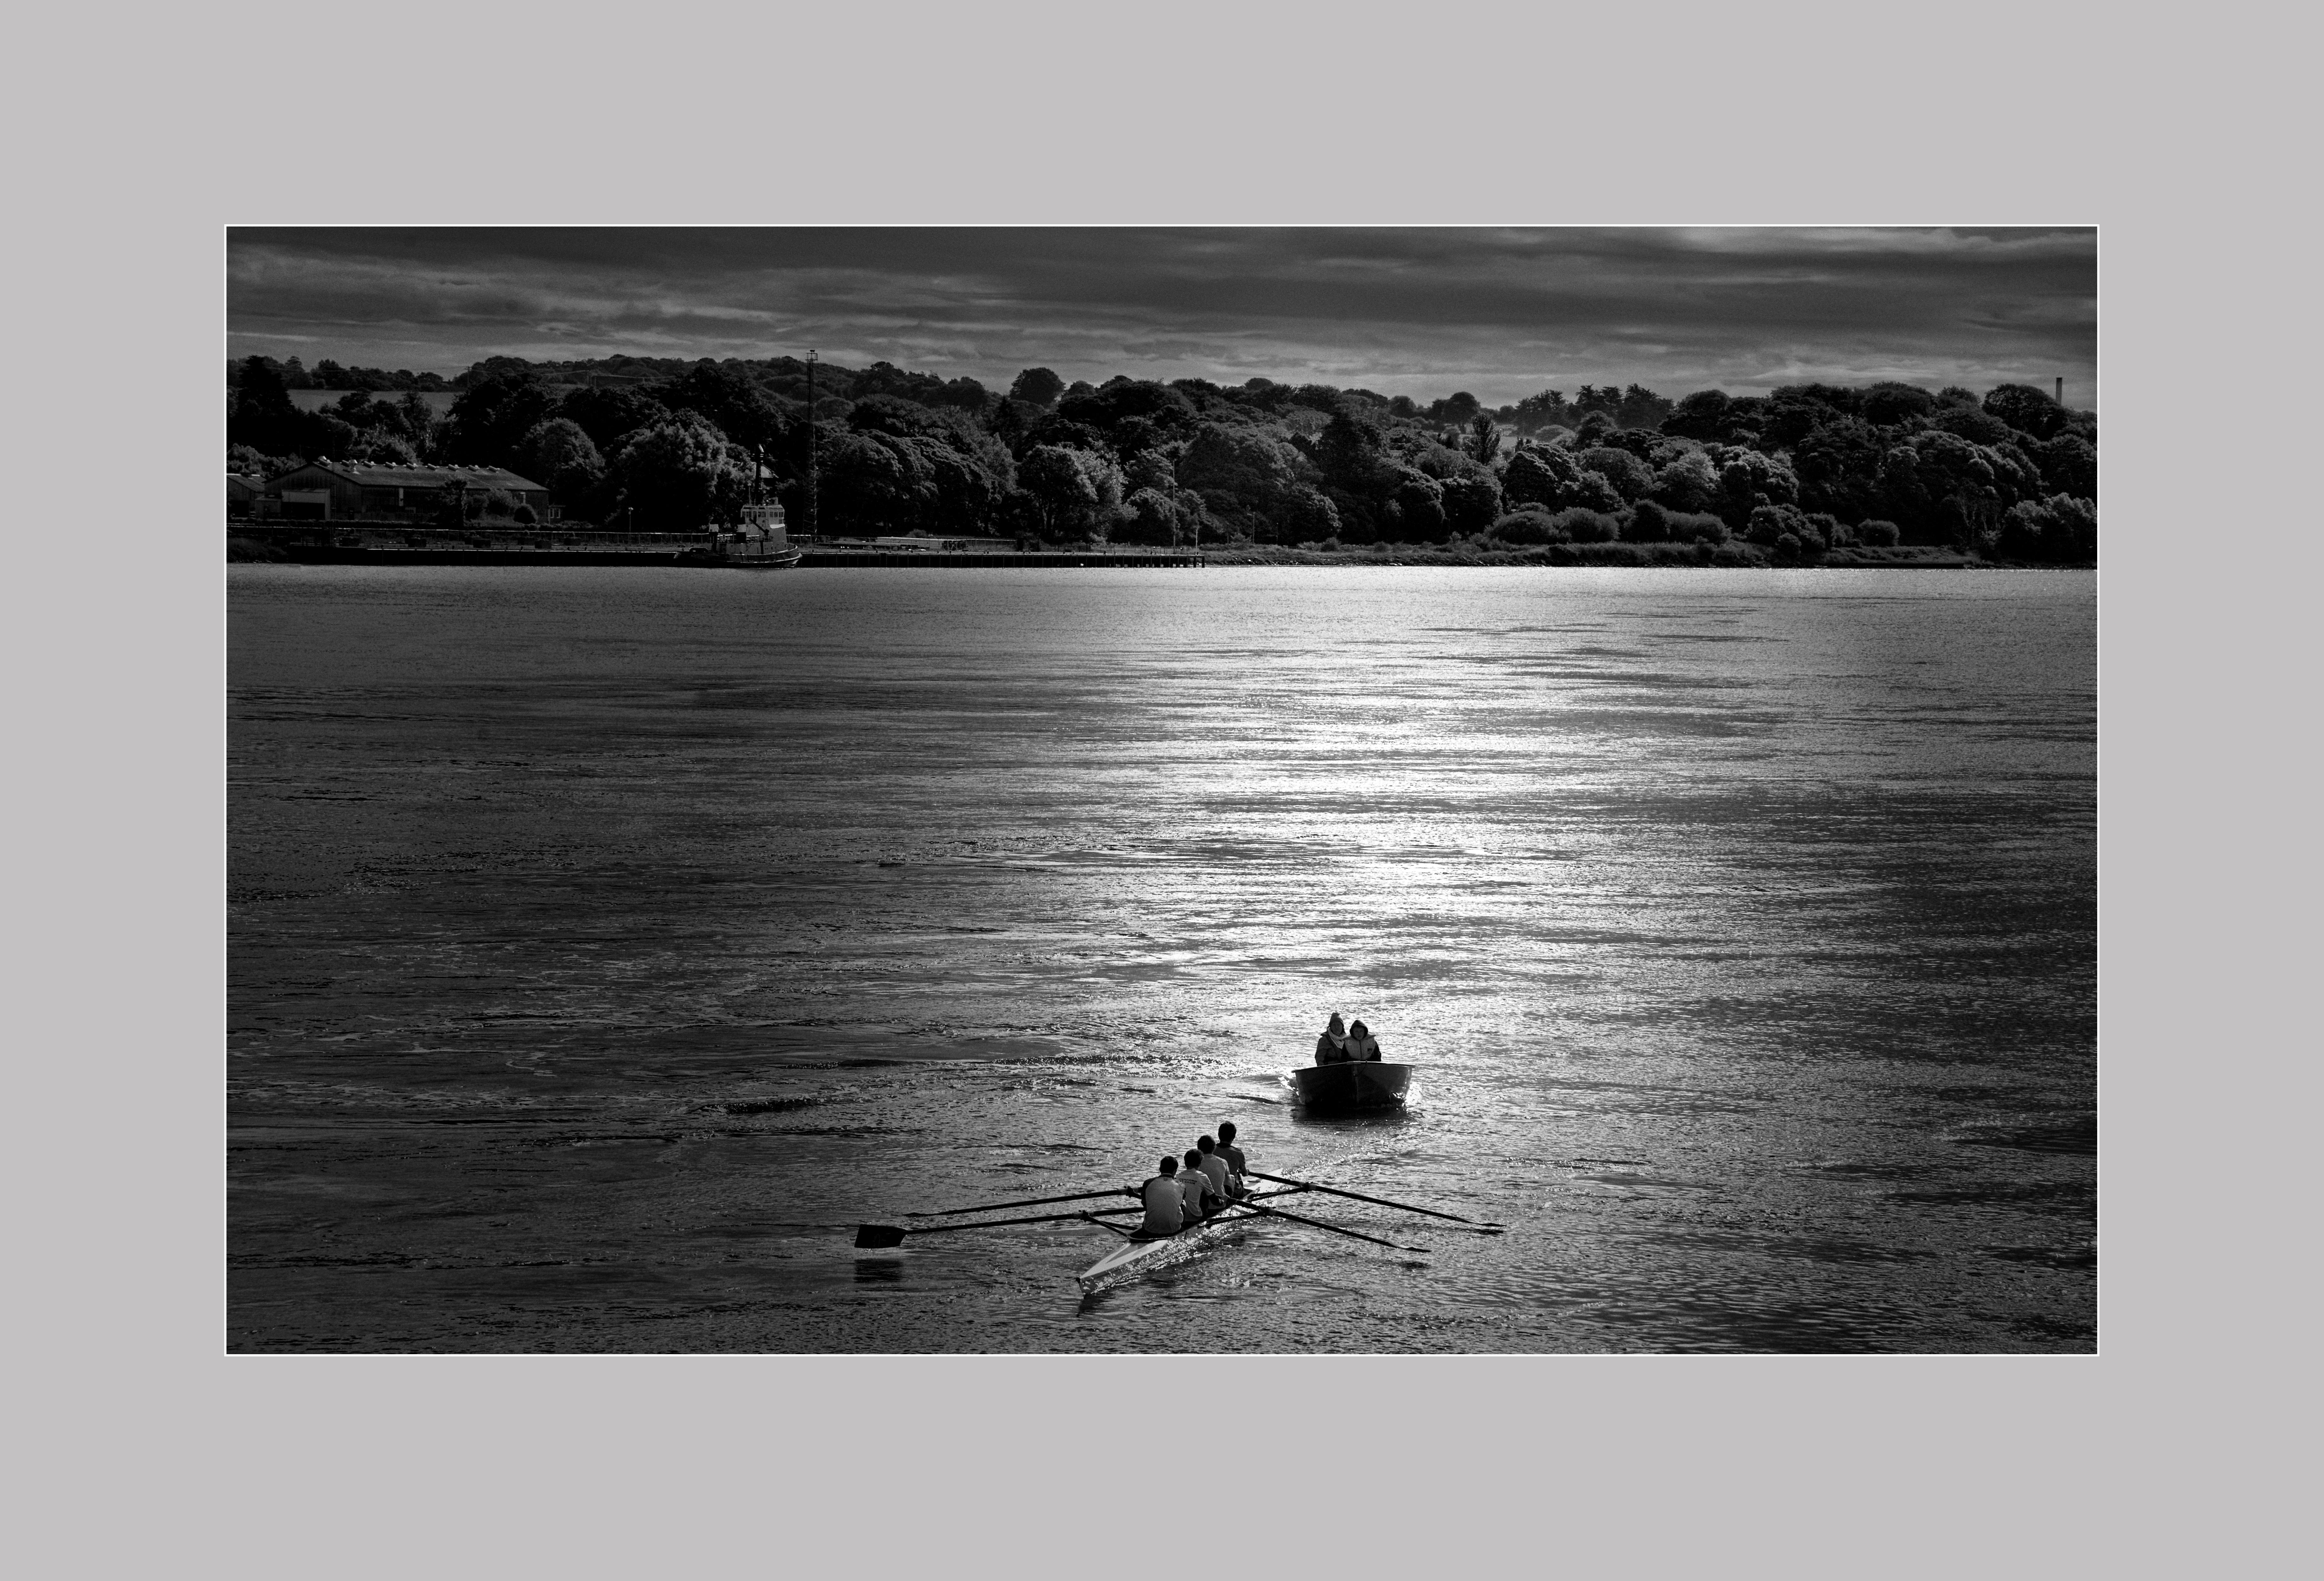 Cruzando el río Barrow, Waterford, Irlanda